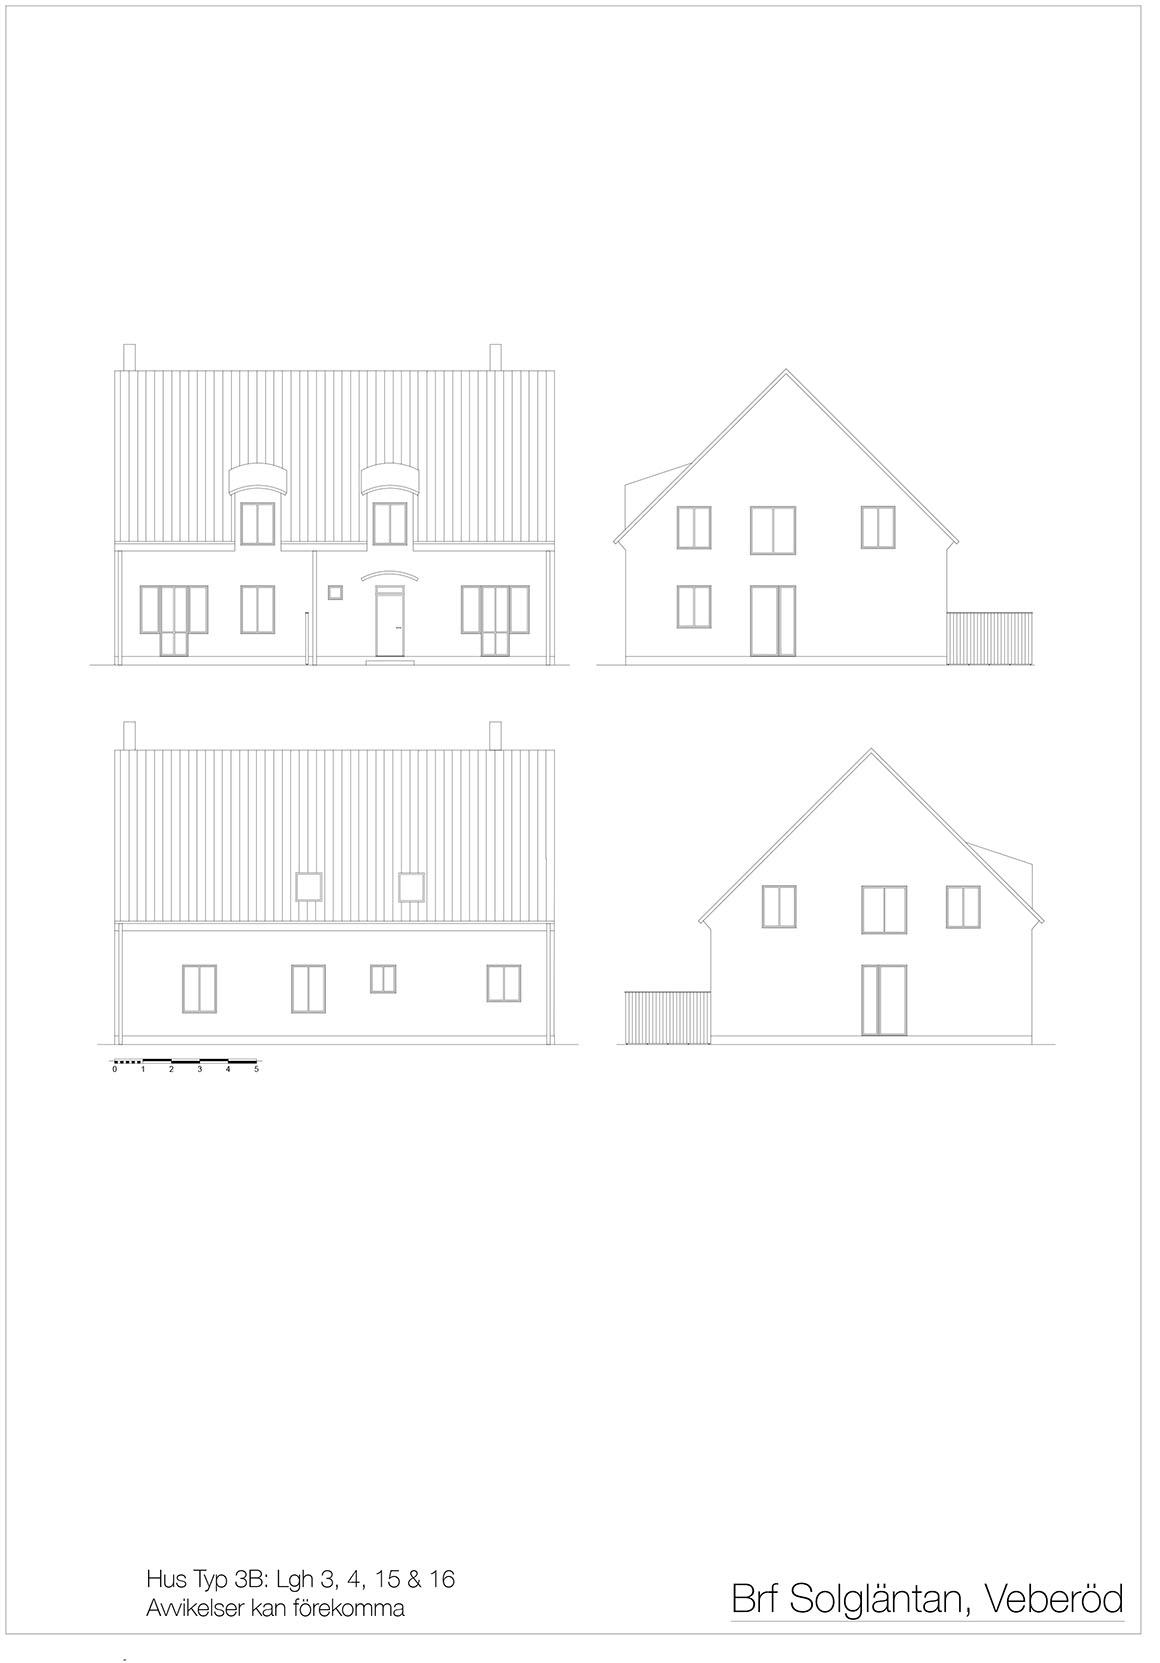 09 Hus Typ 3B Fasader _ Layout